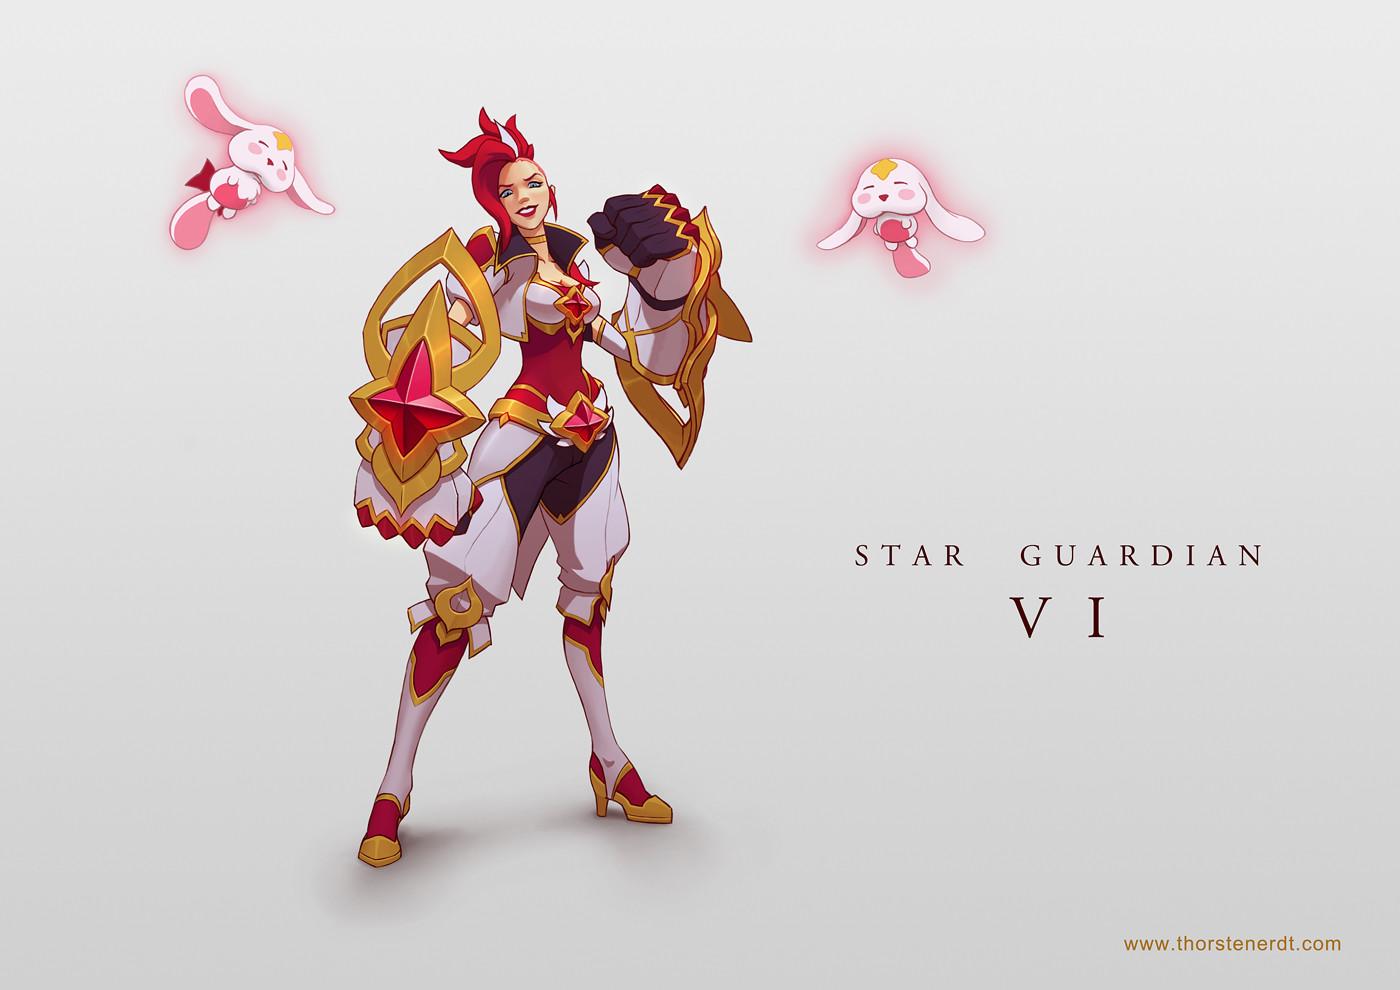 Star Guardian Vi